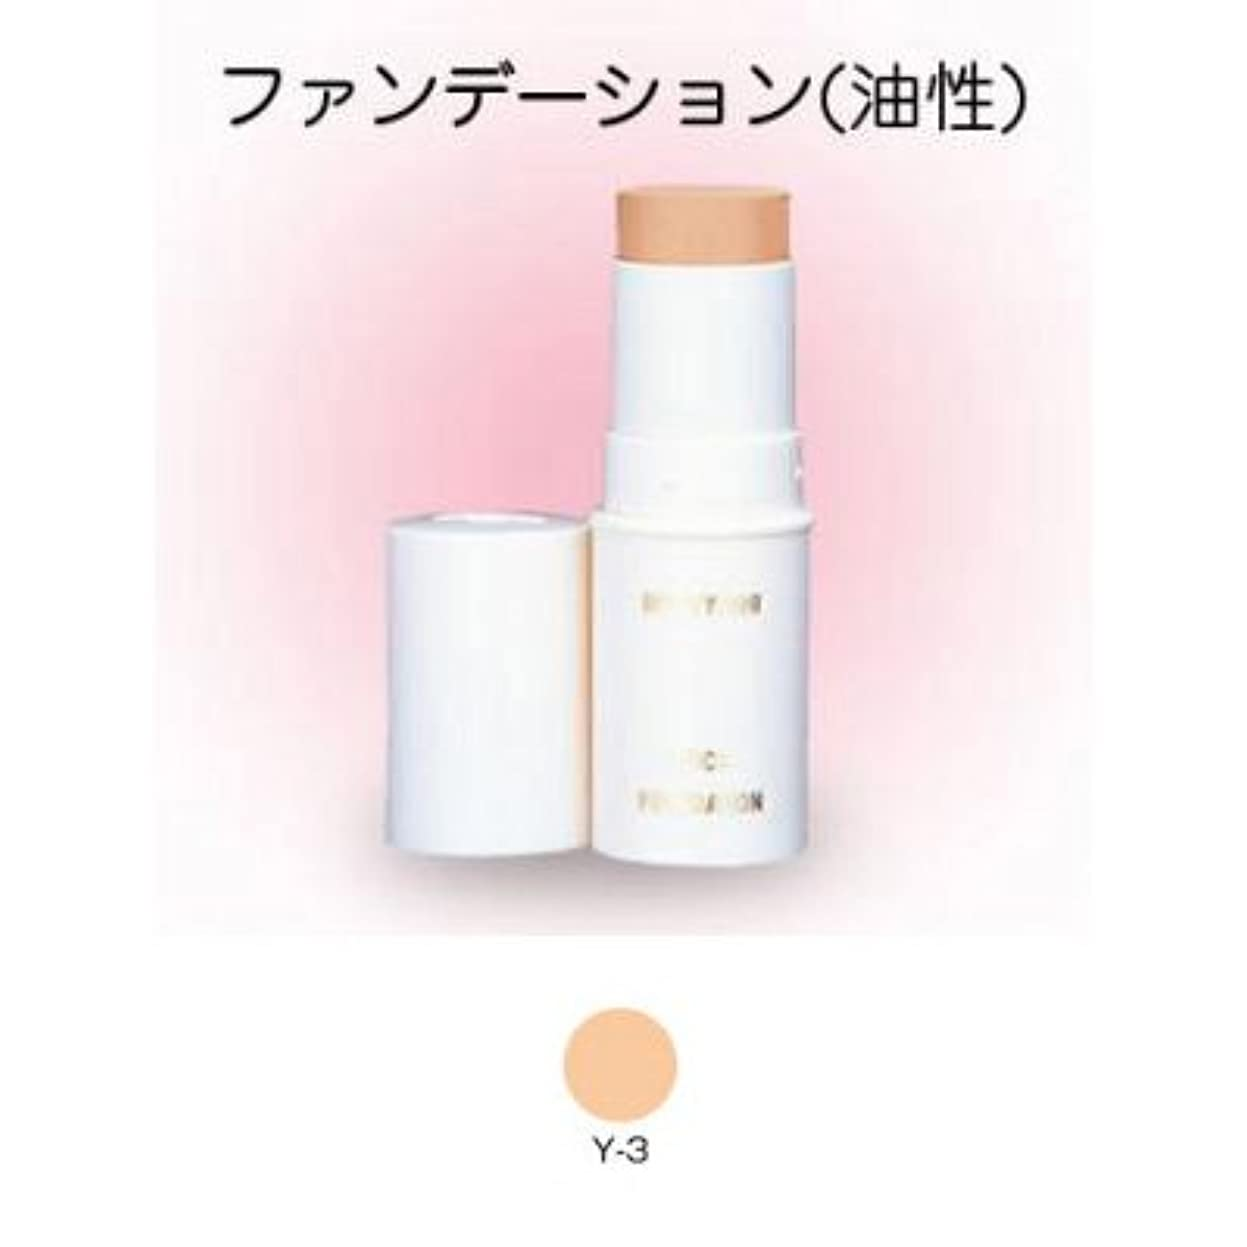 合金お気に入り収入スティックファンデーション 16g Y-3 【三善】